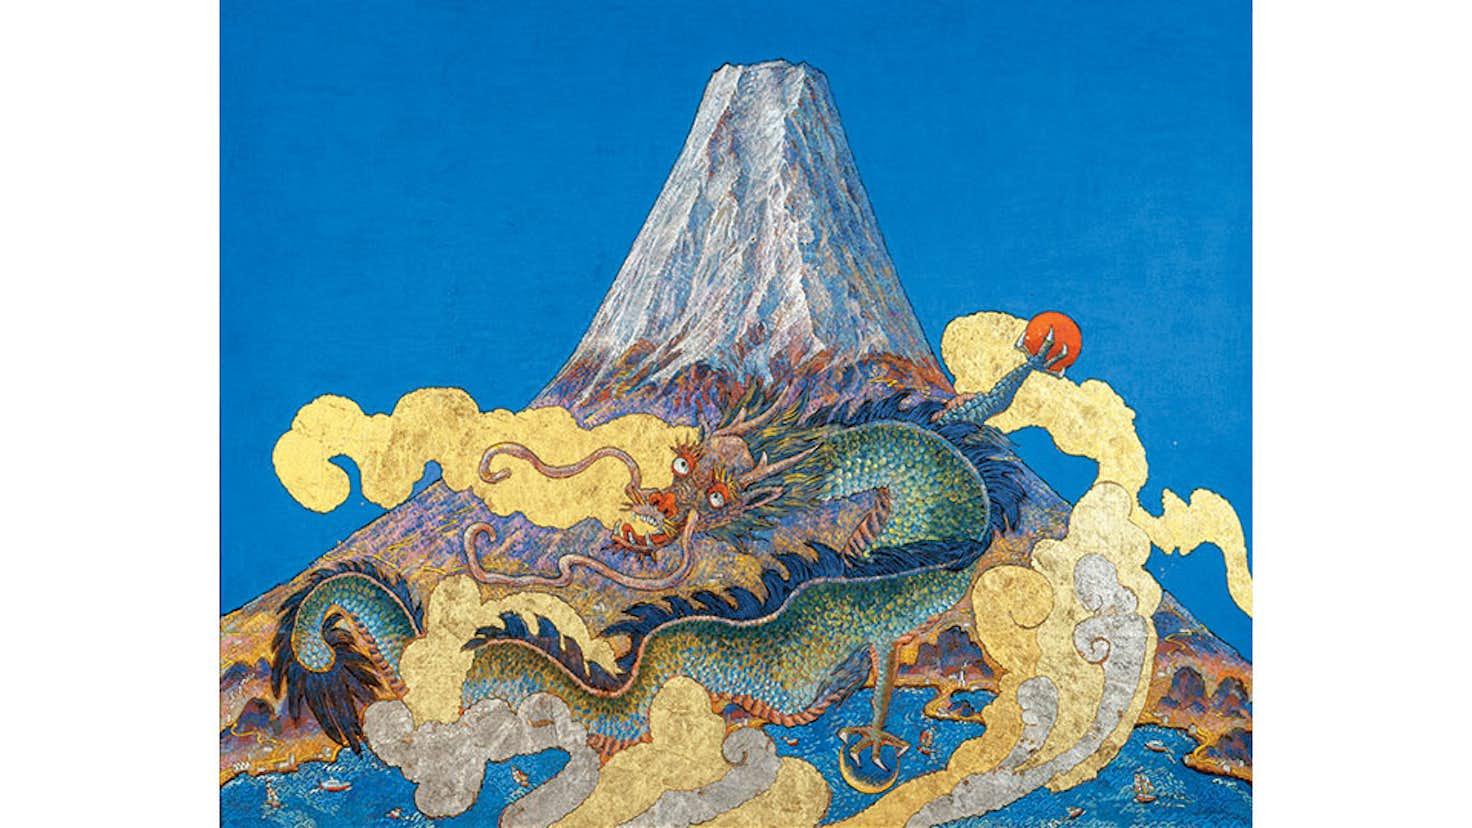 絹谷幸二の世界 -富士山を中心に-(ふくやま美術館) 美術手帖